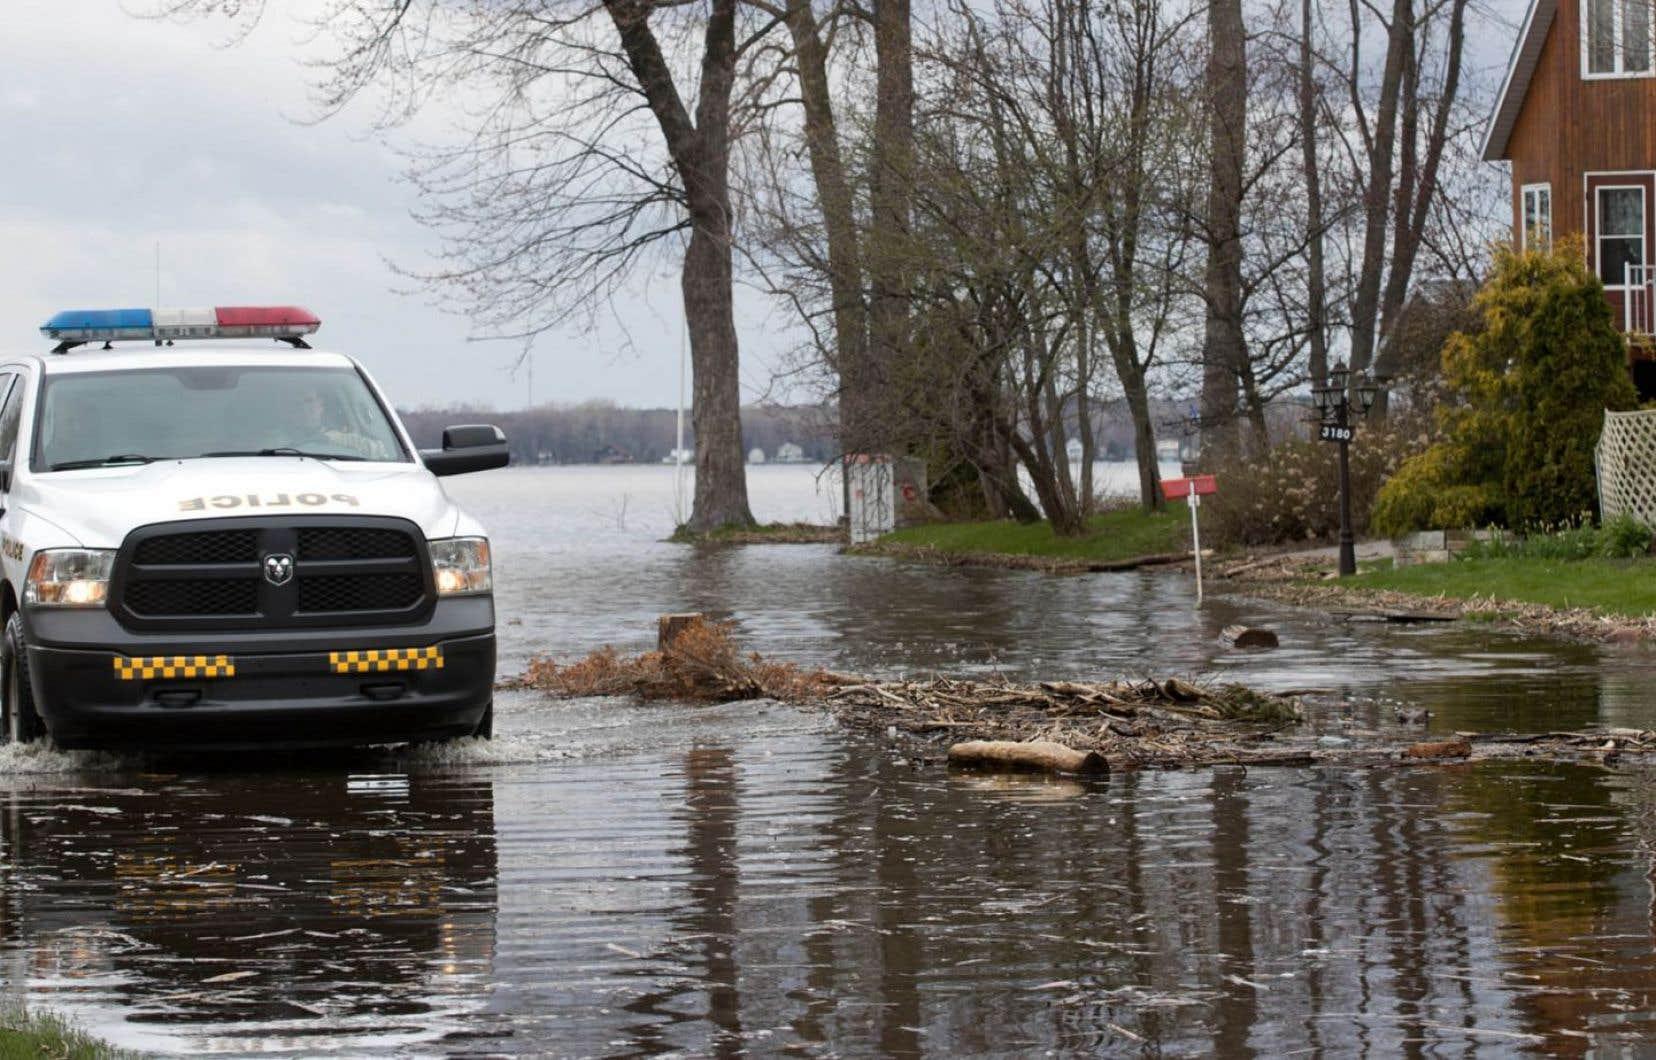 La plupart des municipalités qui avaient déclaré l'état d'urgence l'ont levé dimanche, selon Urgence Québec.